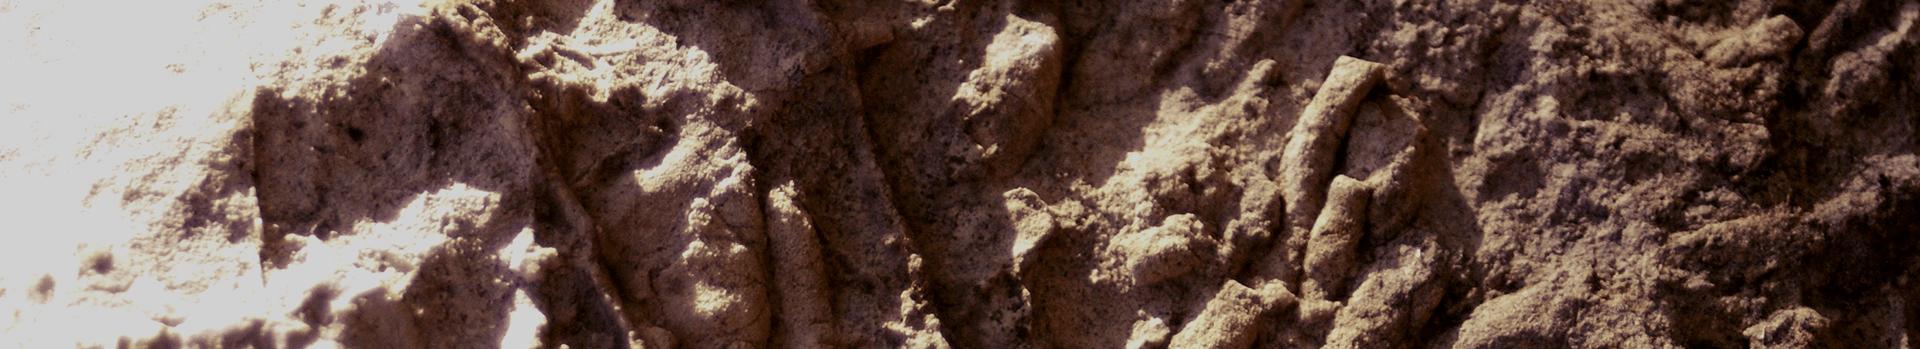 福地化石産地ページトップ